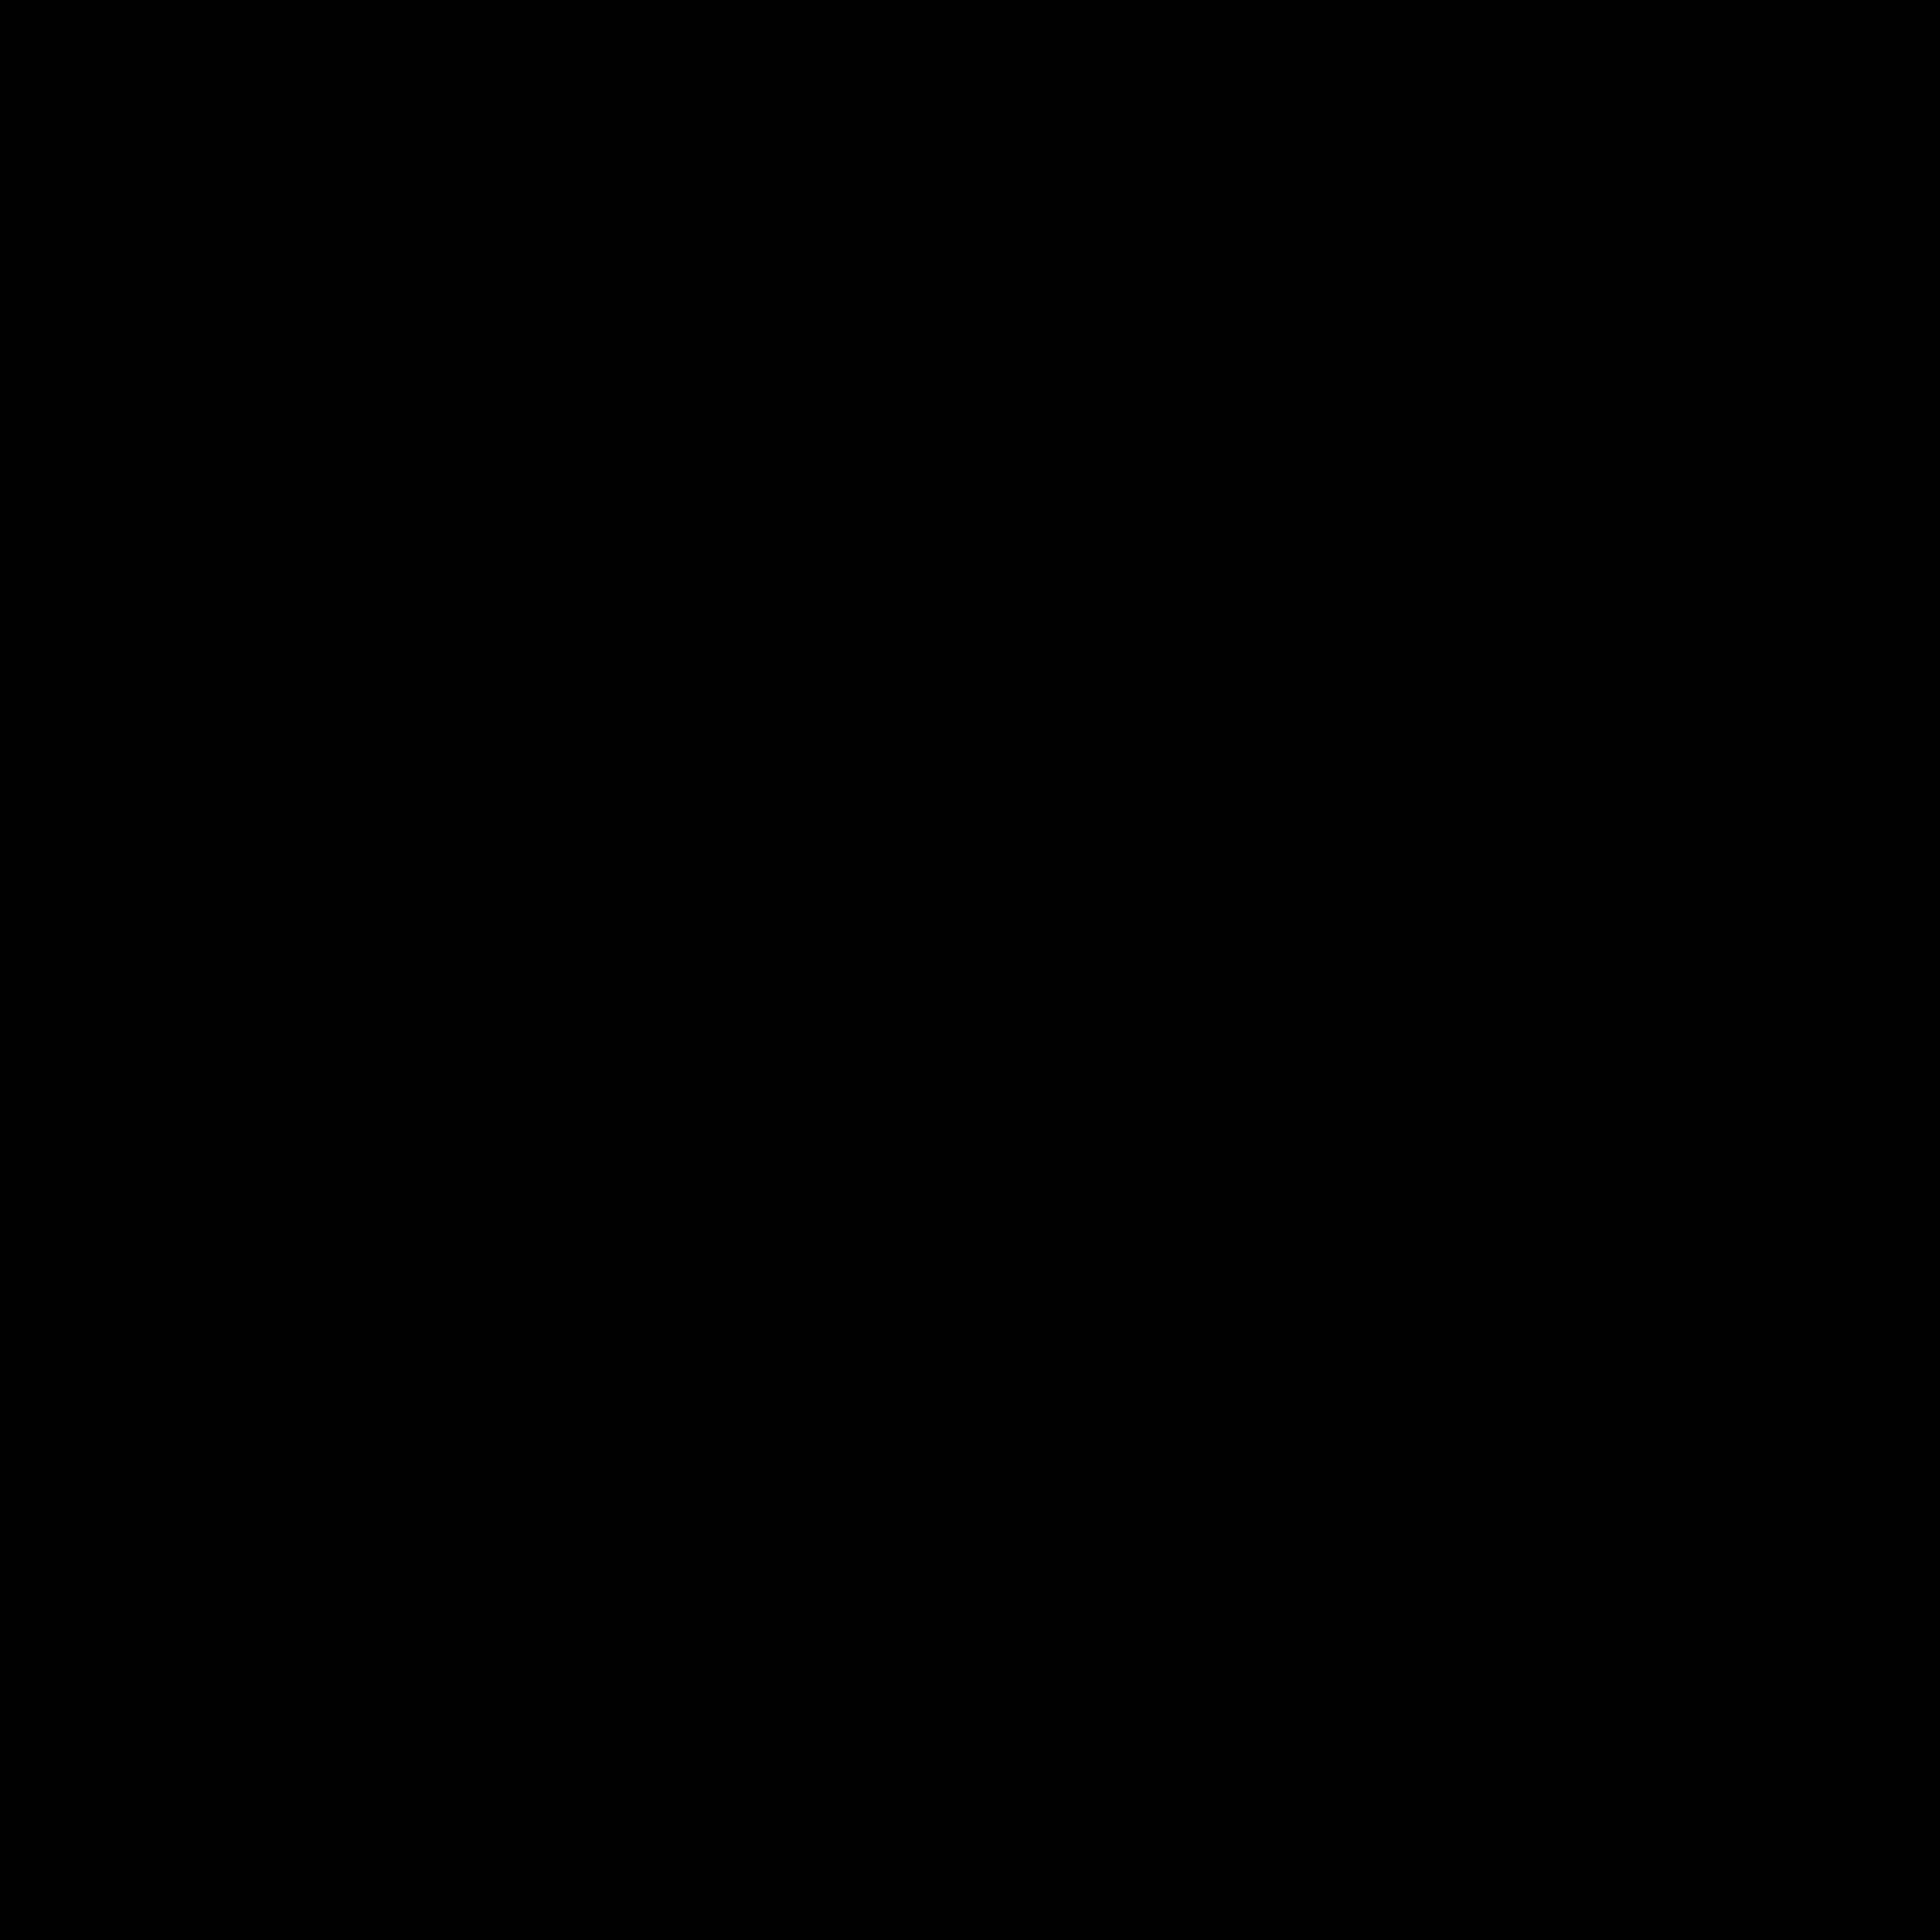 Конструктор LEGO City Arctic Expedition Полярные исследователи